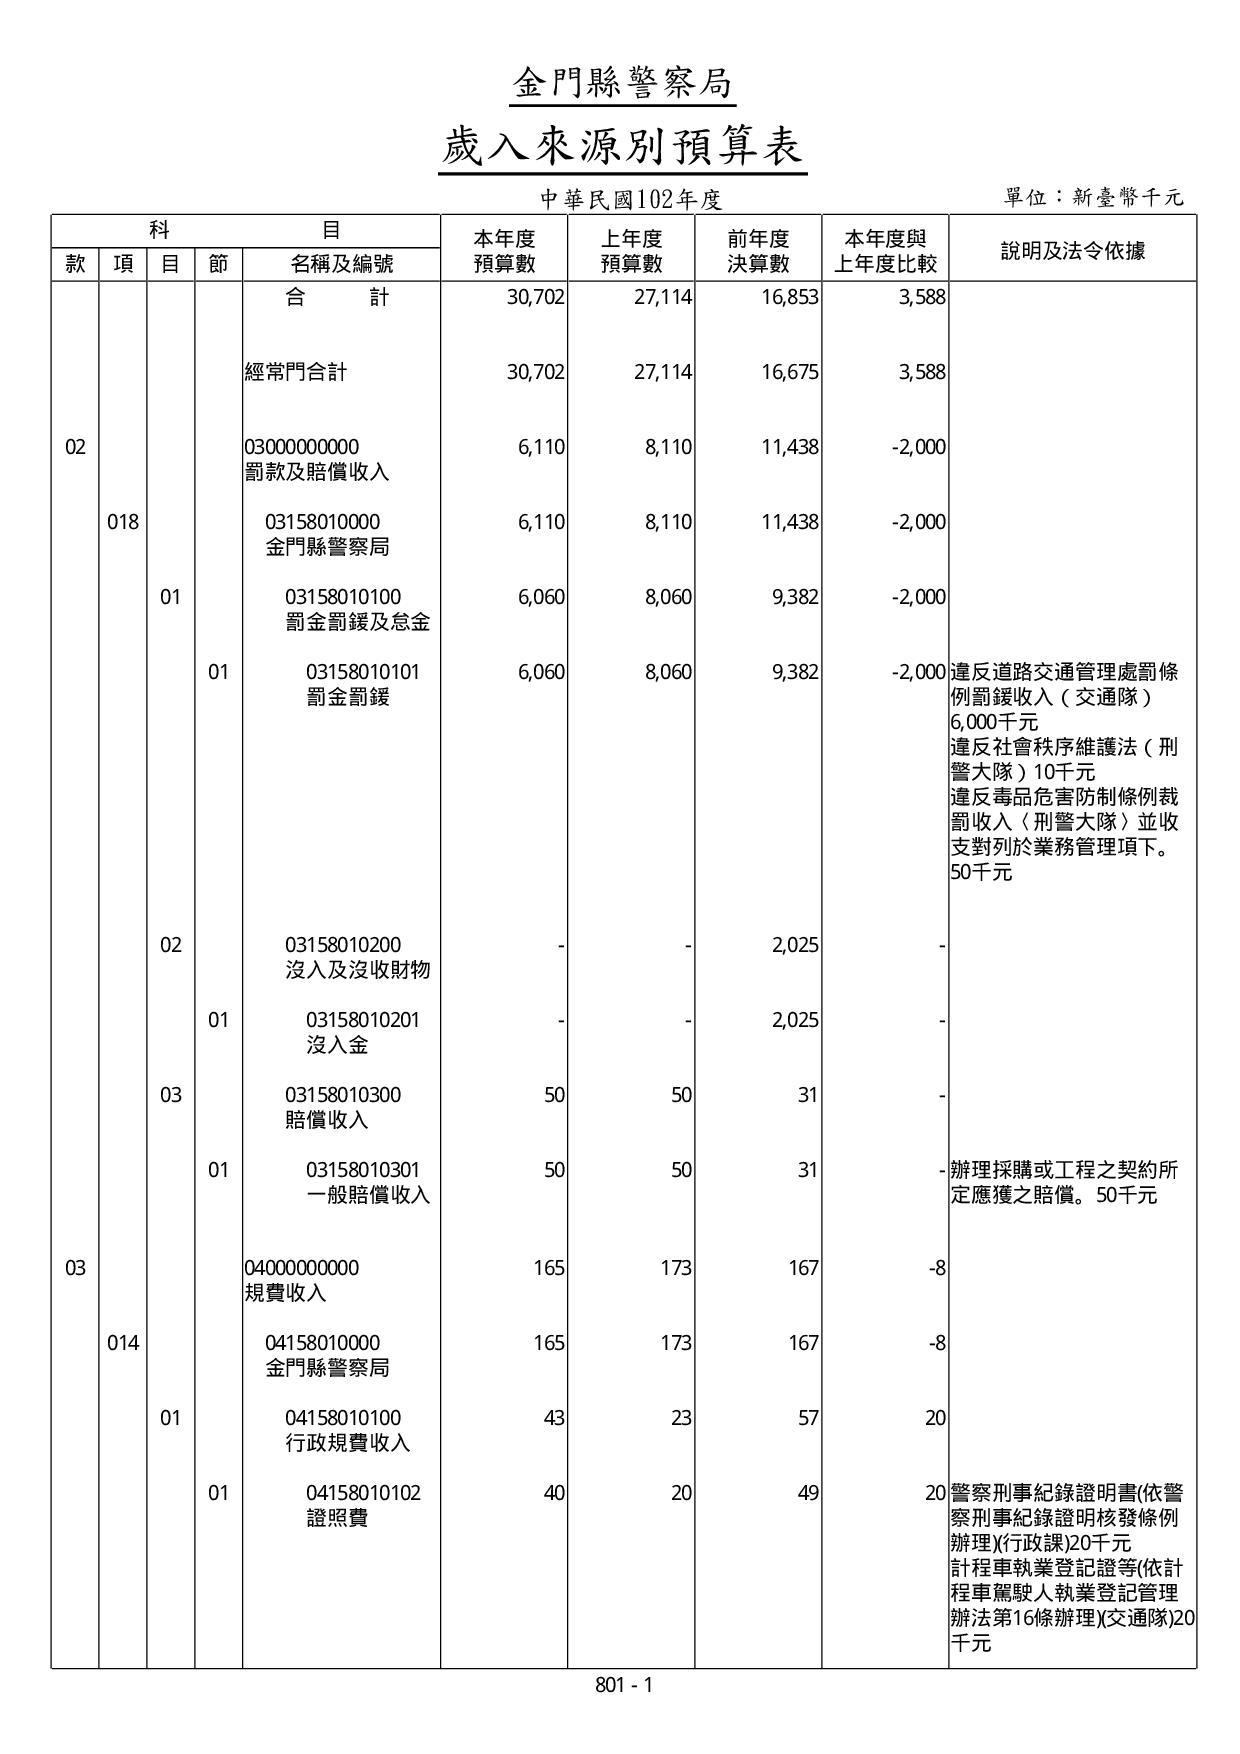 102年度歲入來源別預算表